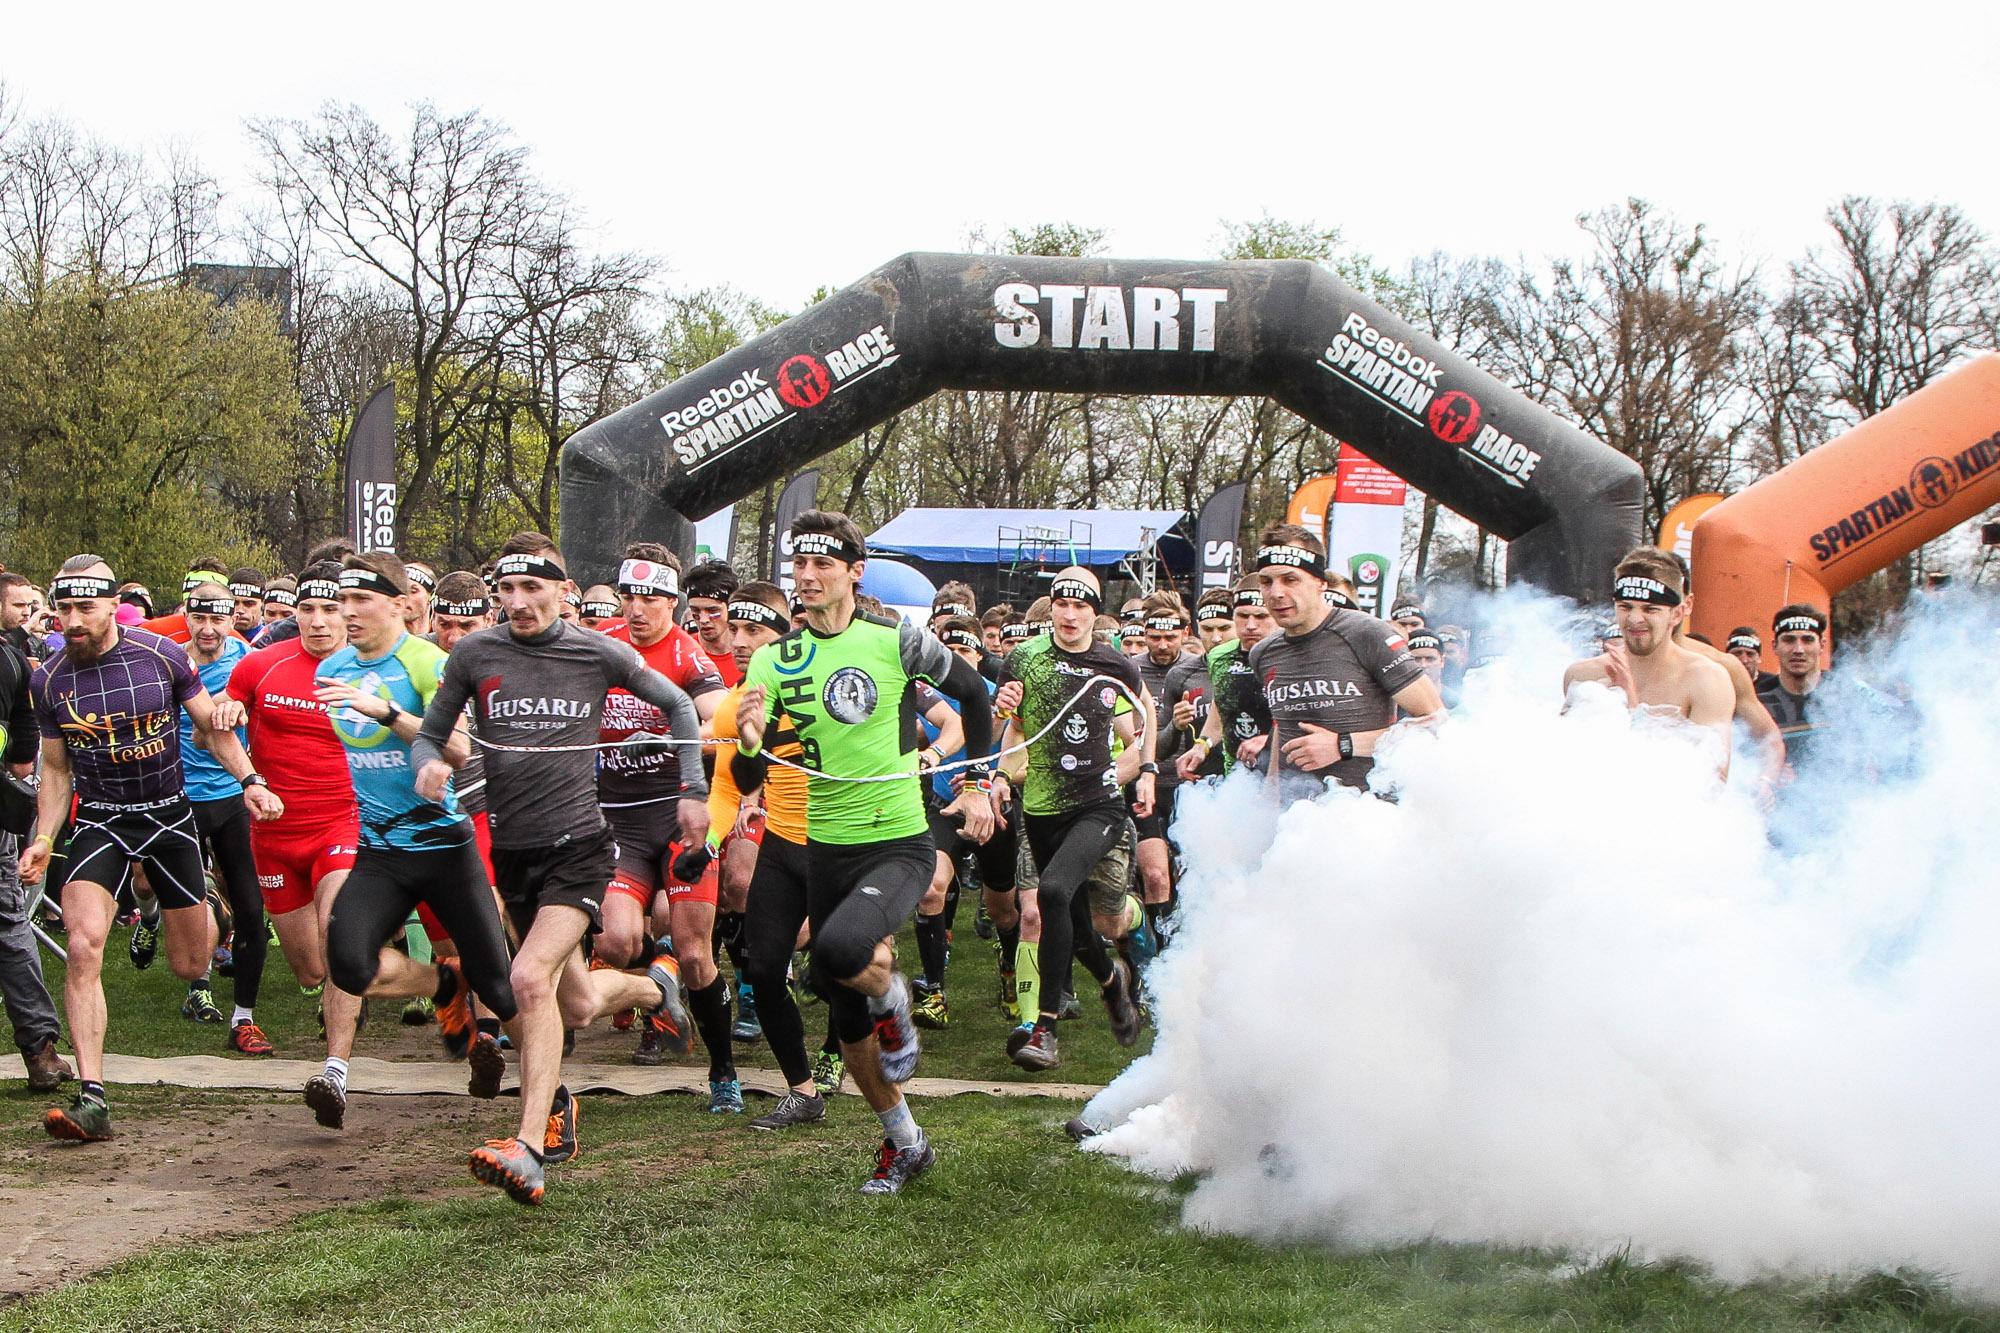 Spartan Race w Krakowie otwarł sezon [zdjęcia]